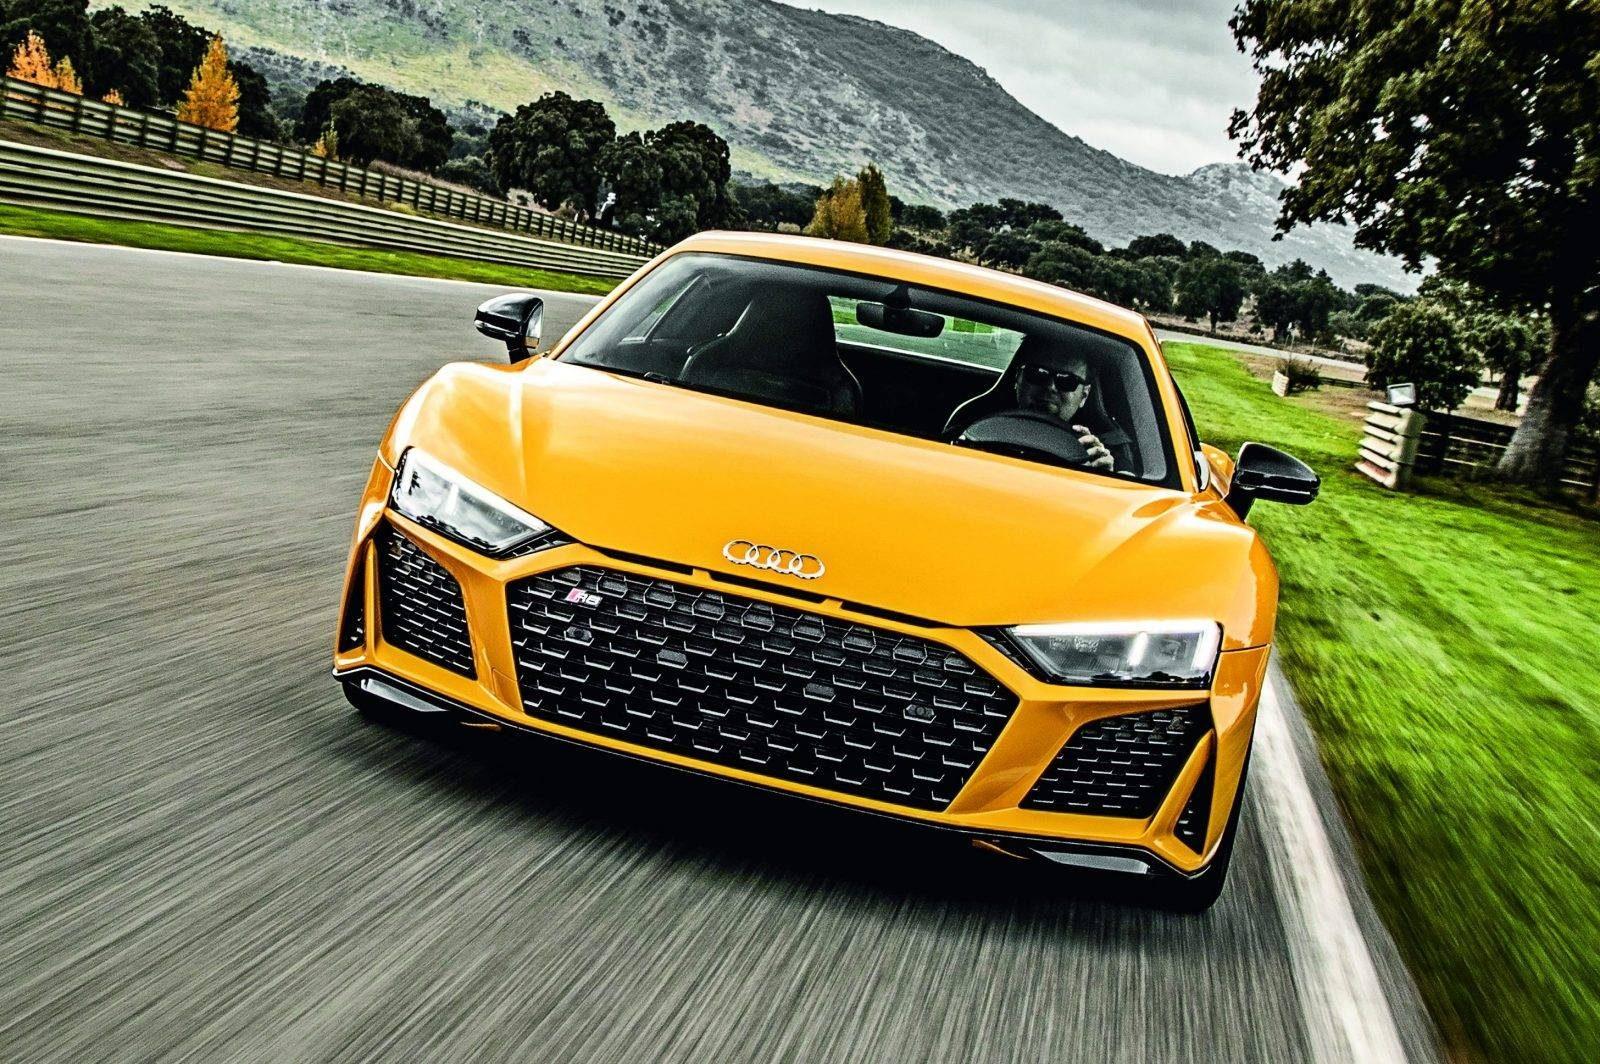 Audi R8 Deve Virar Esportivo Hibrido Mas Sem Perder O Motor V10 Ufa Quatro Rodas